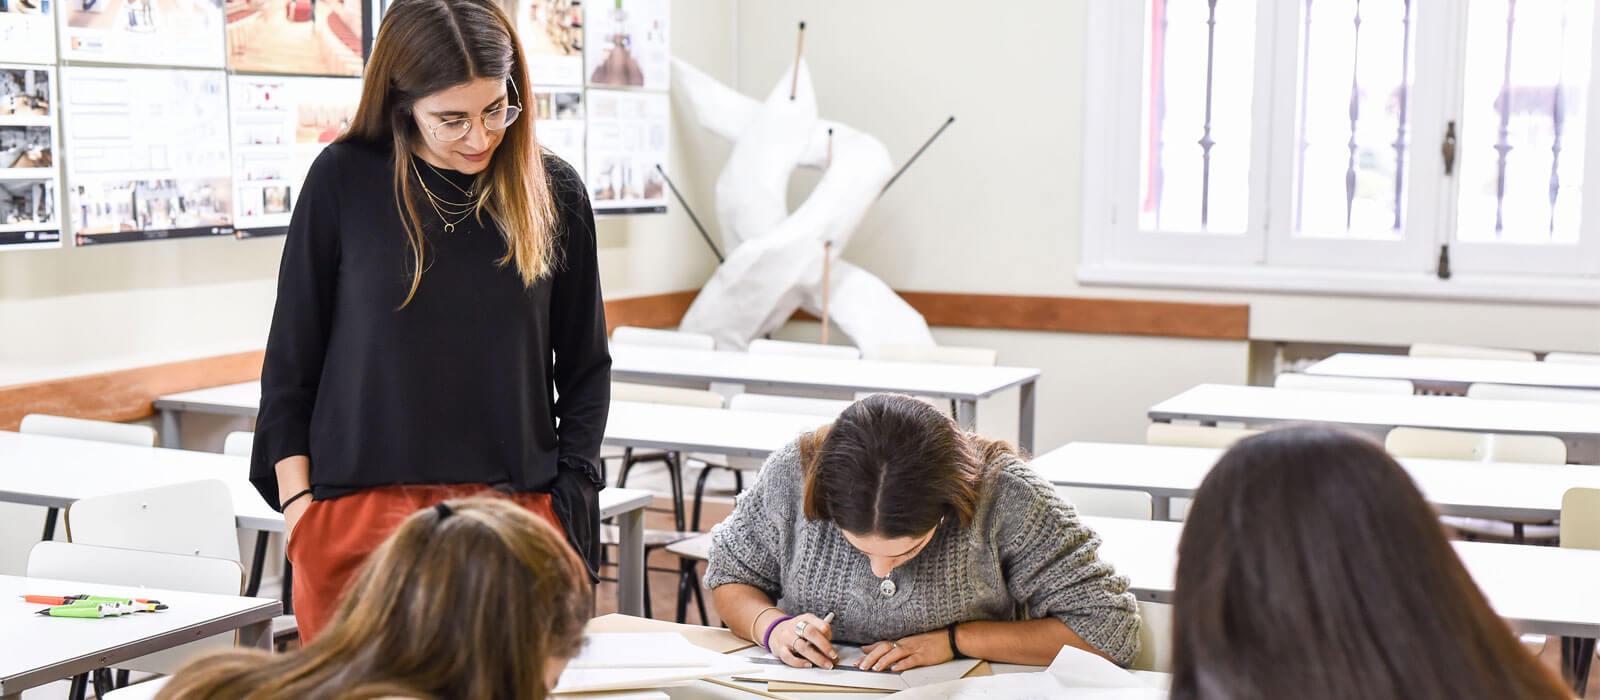 La Facultad - Nuestra filosofía educativa